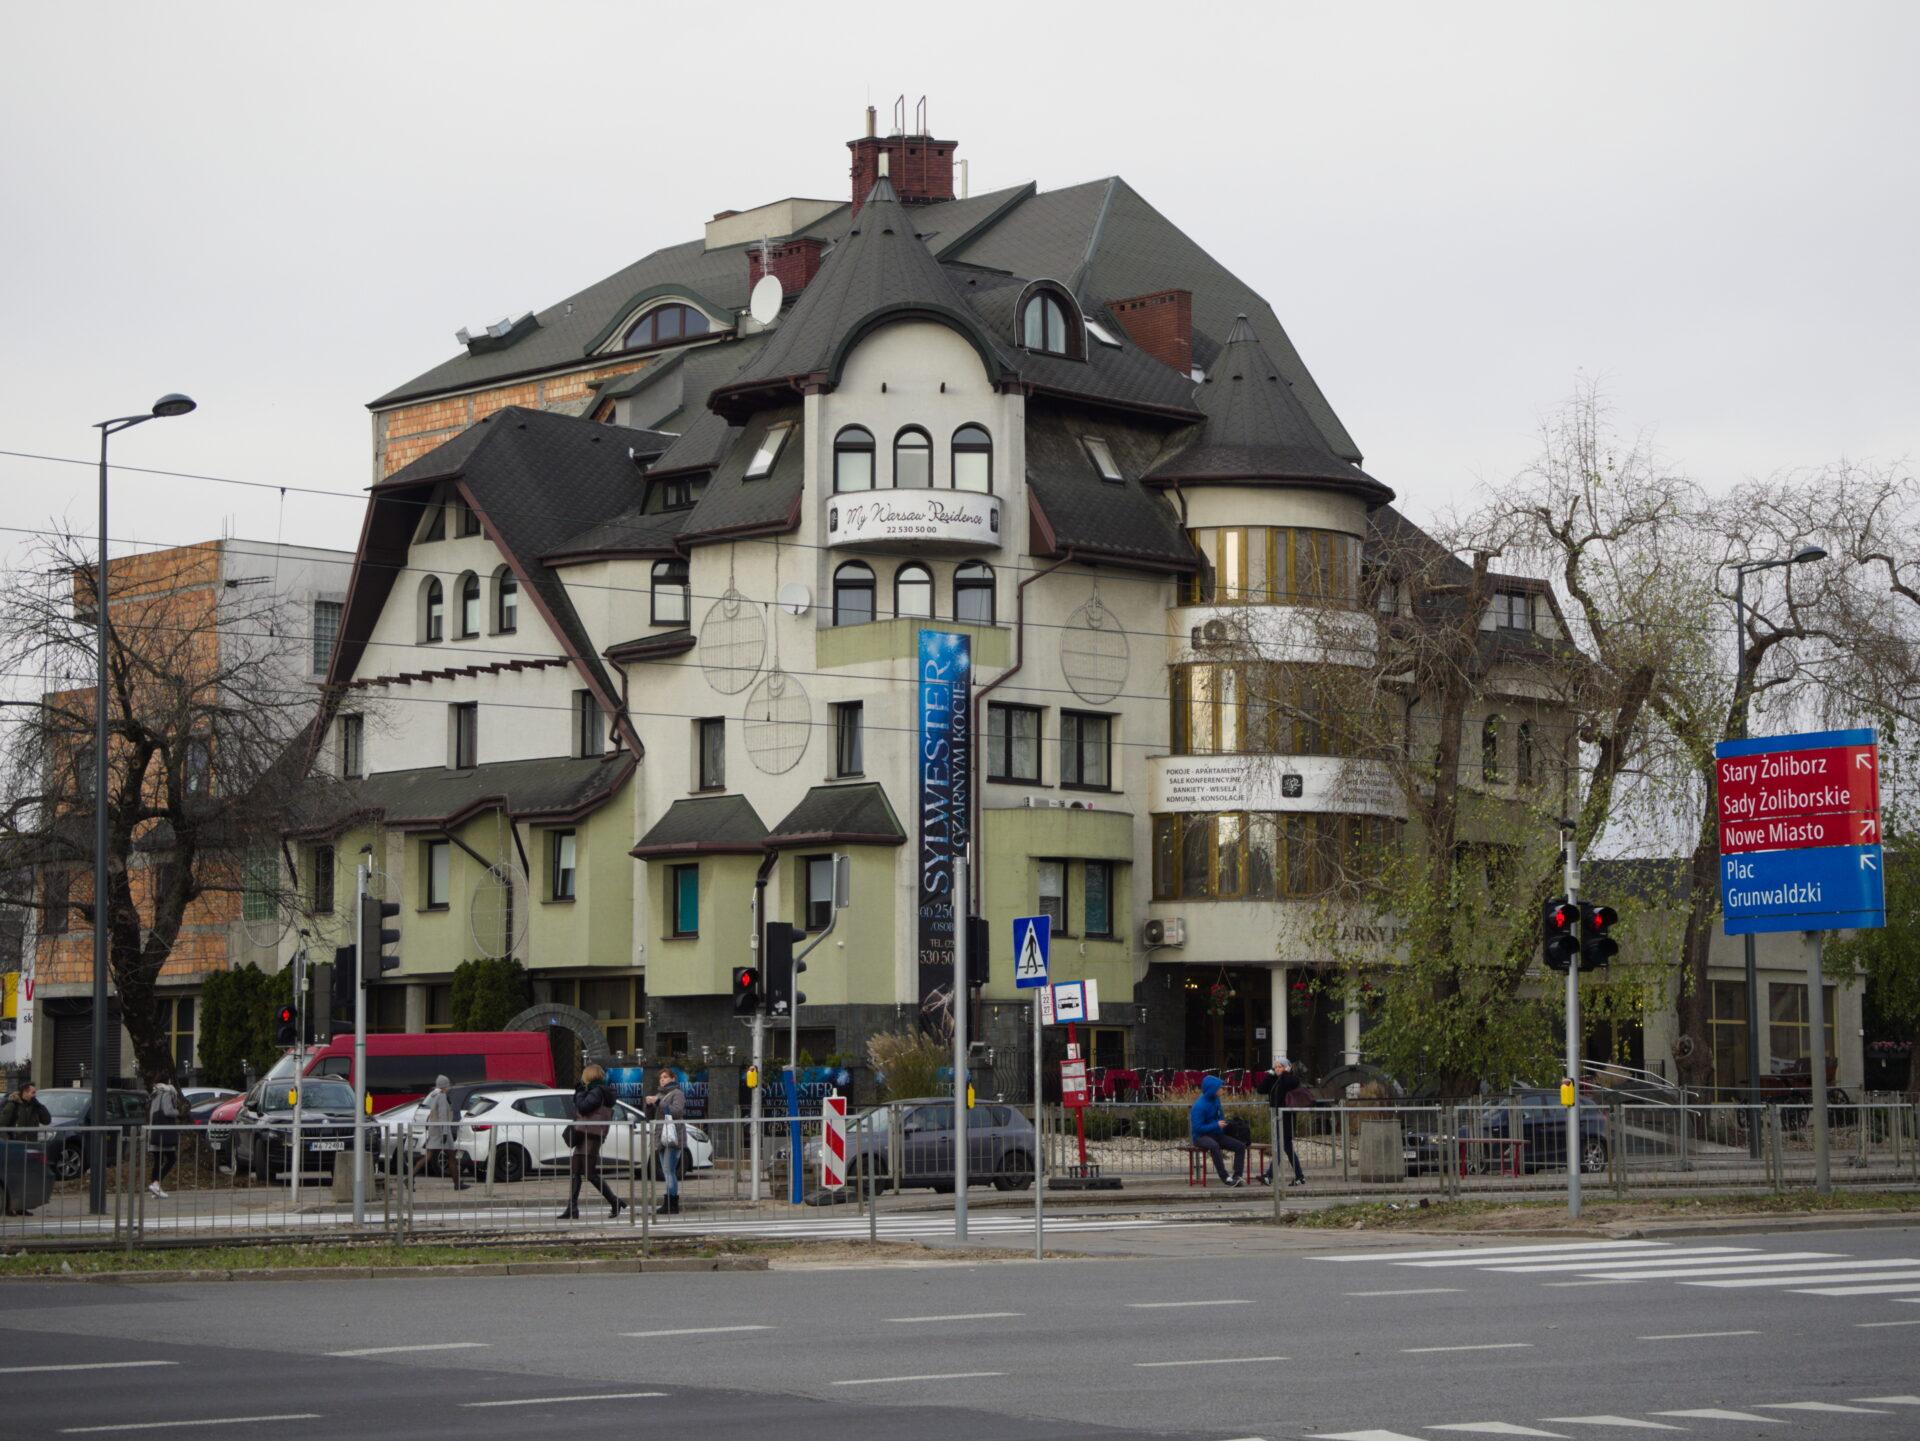 Zdjęcie. Szary, zimowy dzień. W centrum zdjęcia beżowo- zielony budynek z wieloma elementami. Parę kondygnacji.